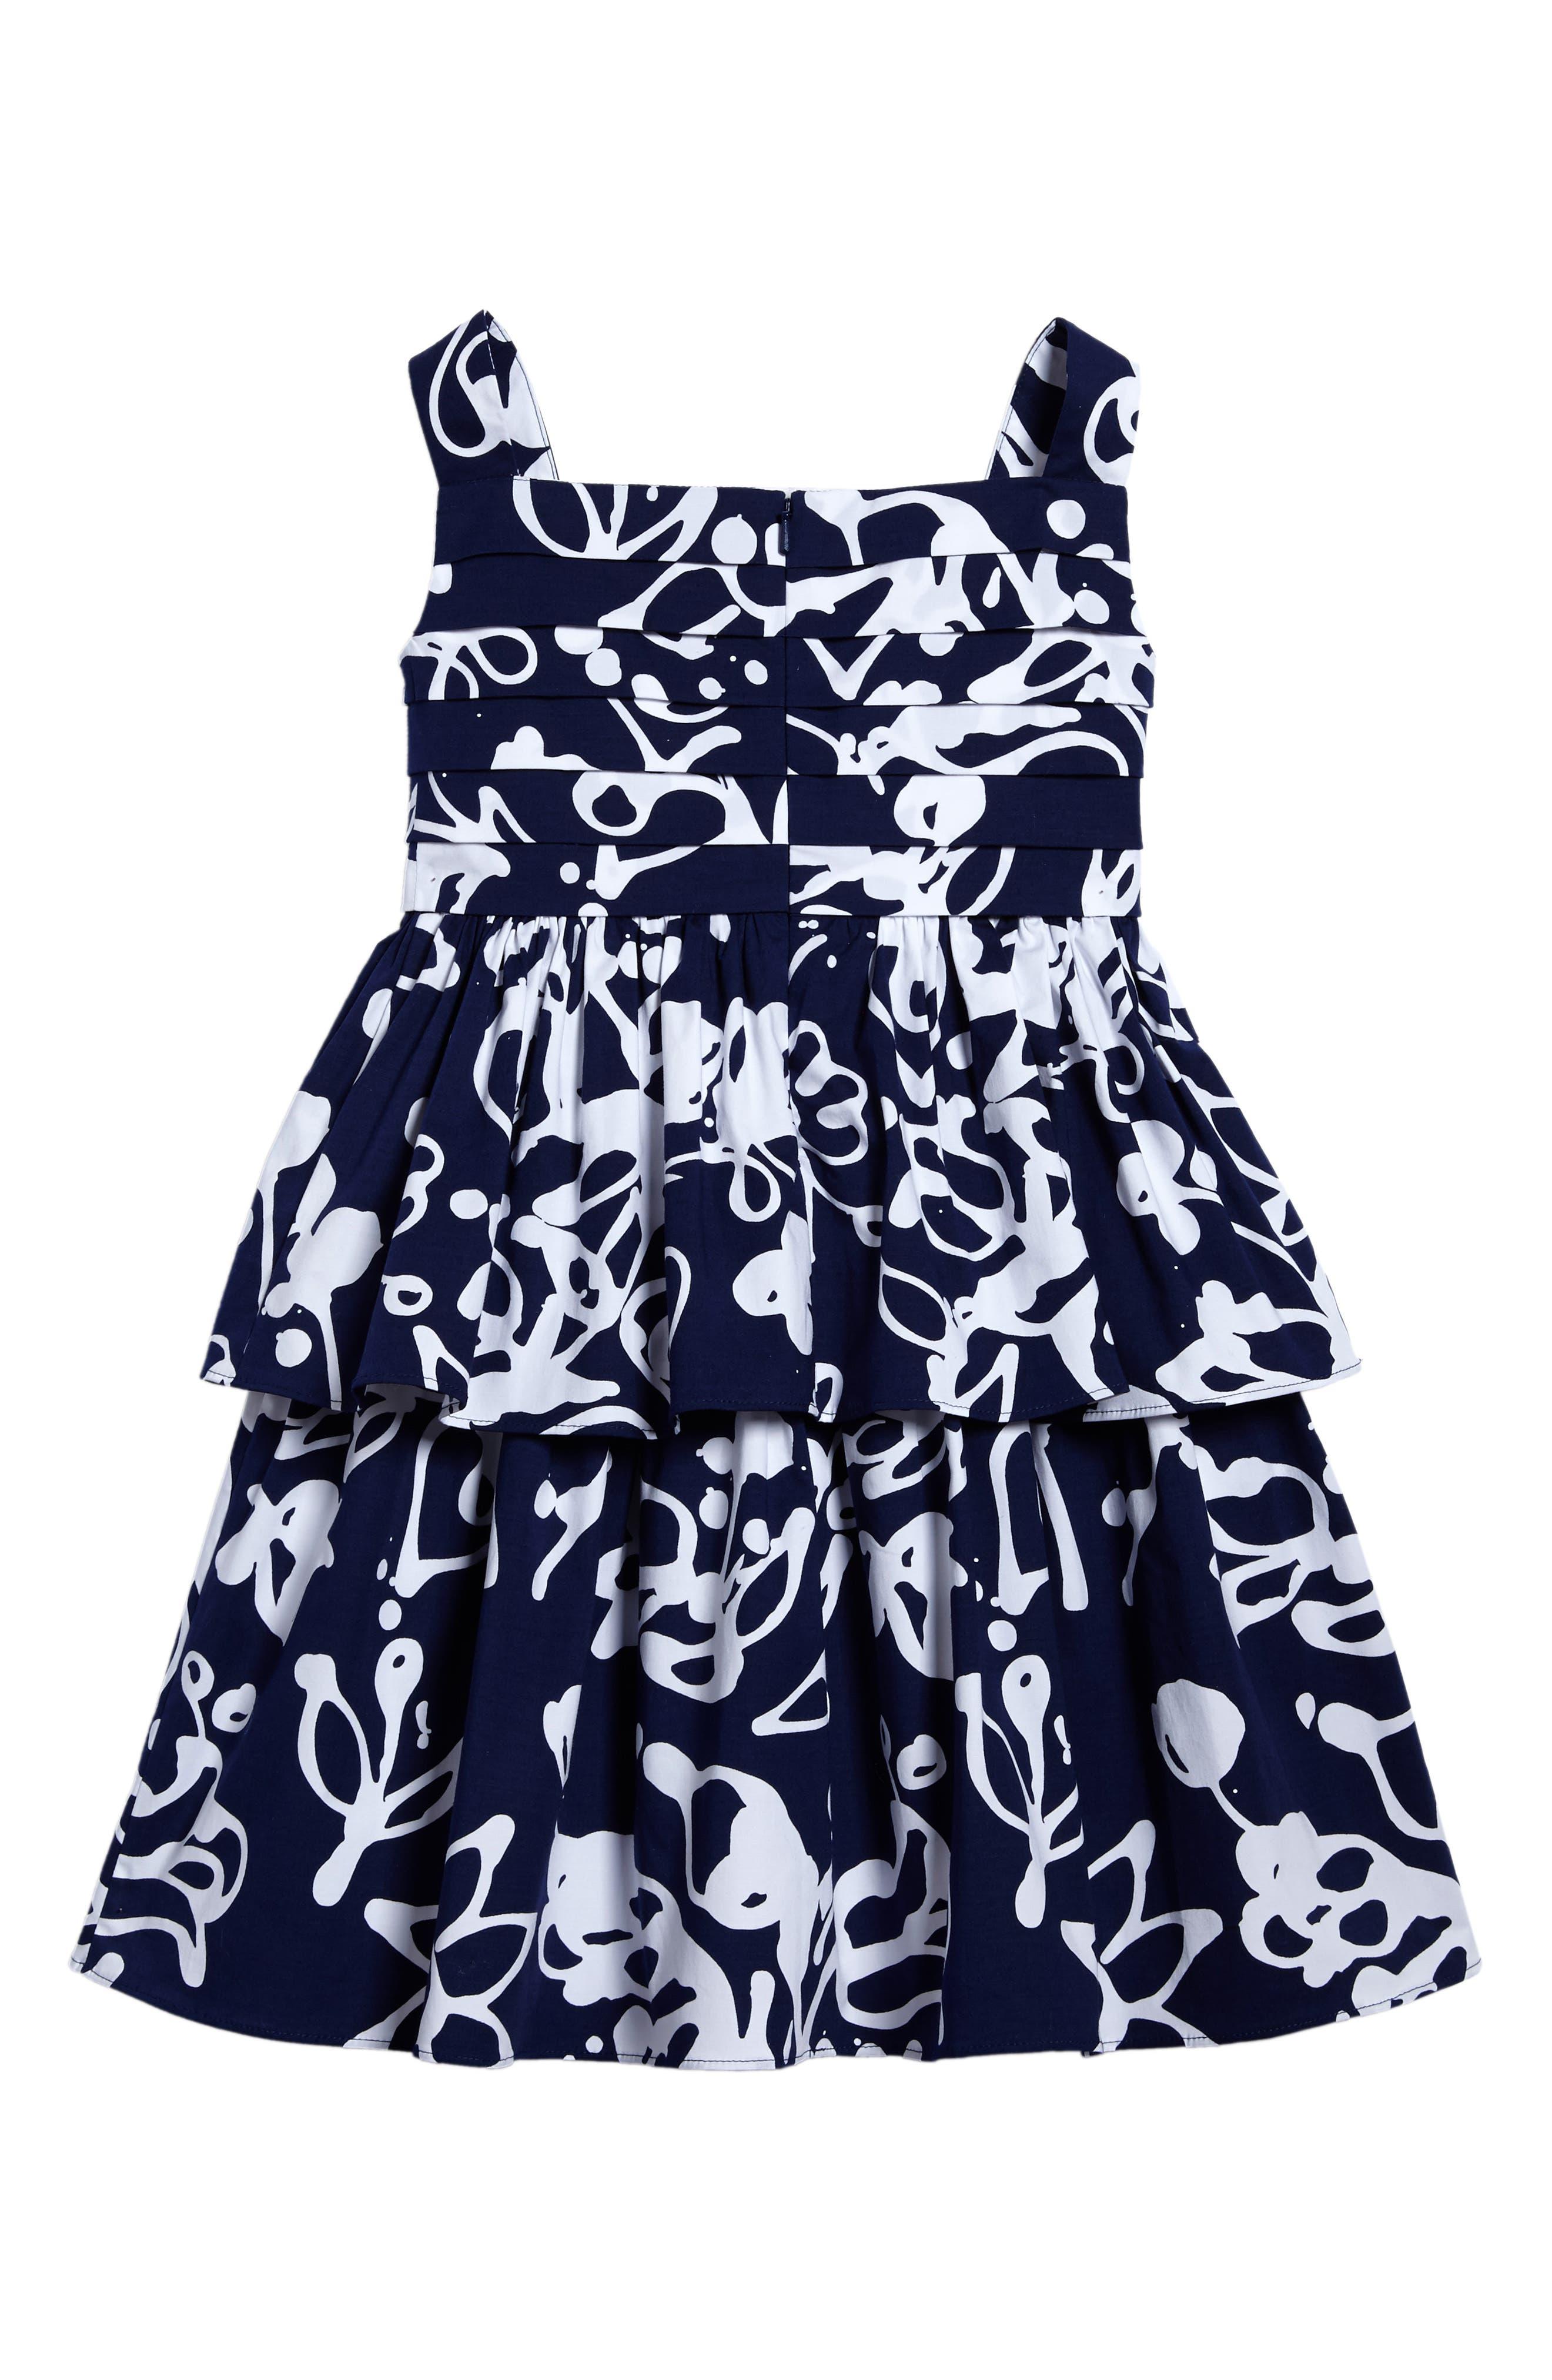 Scribbles Sleeveless Dress,                             Alternate thumbnail 2, color,                             Navy/ White